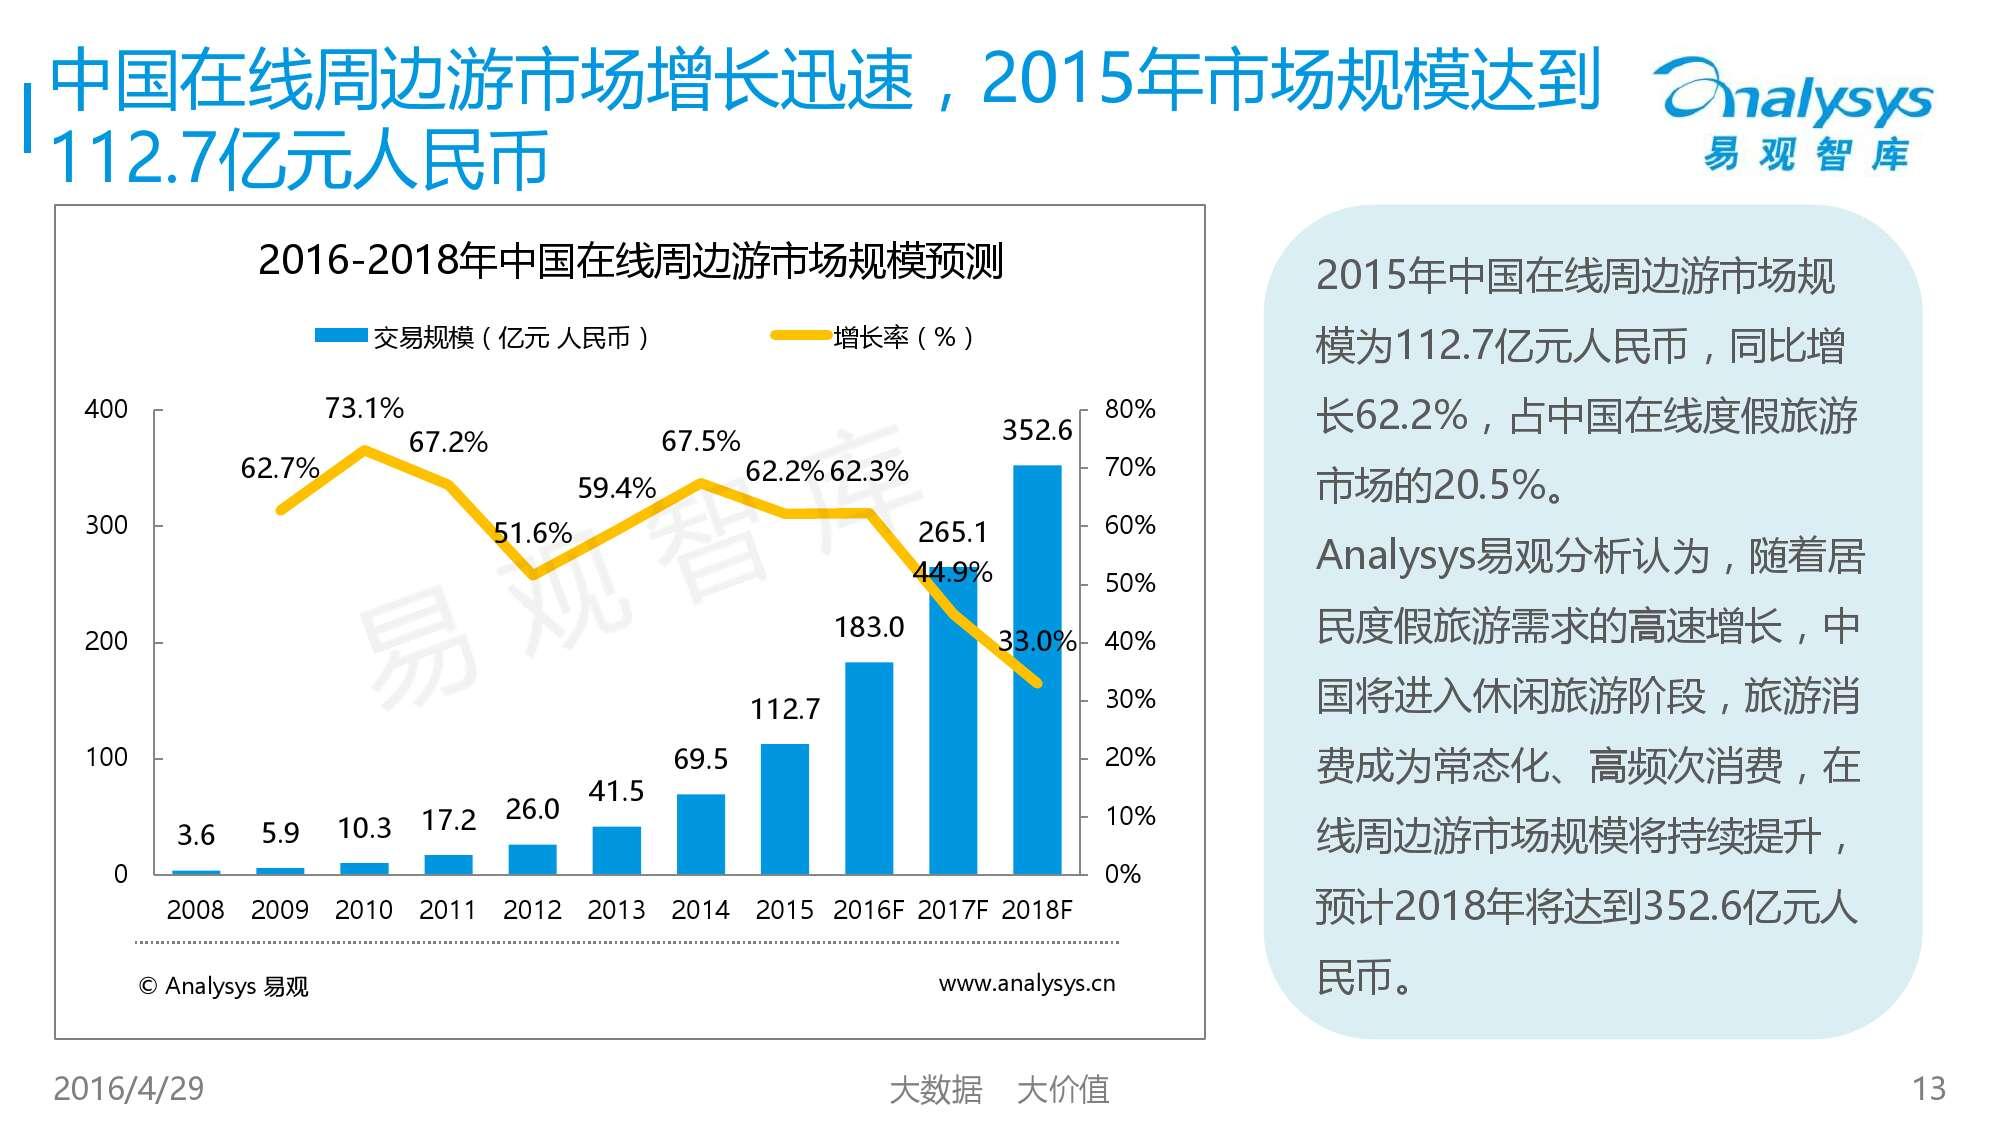 中国在线周边自助游市场专题研究报告2016_000013